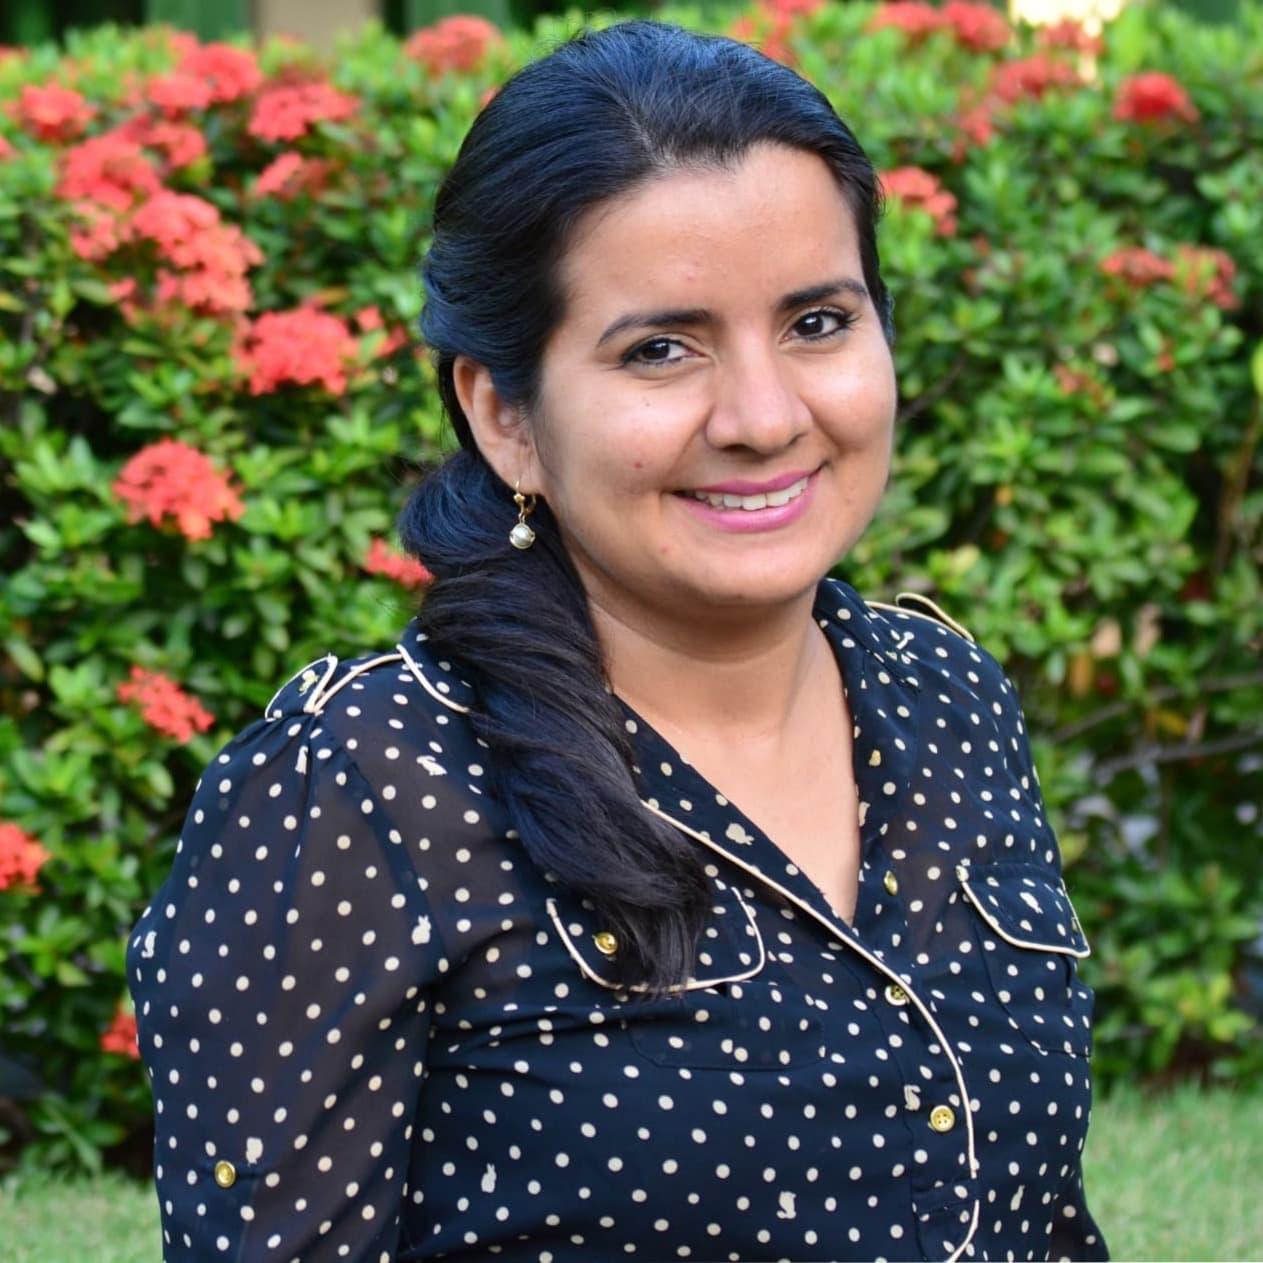 Laura Urbina